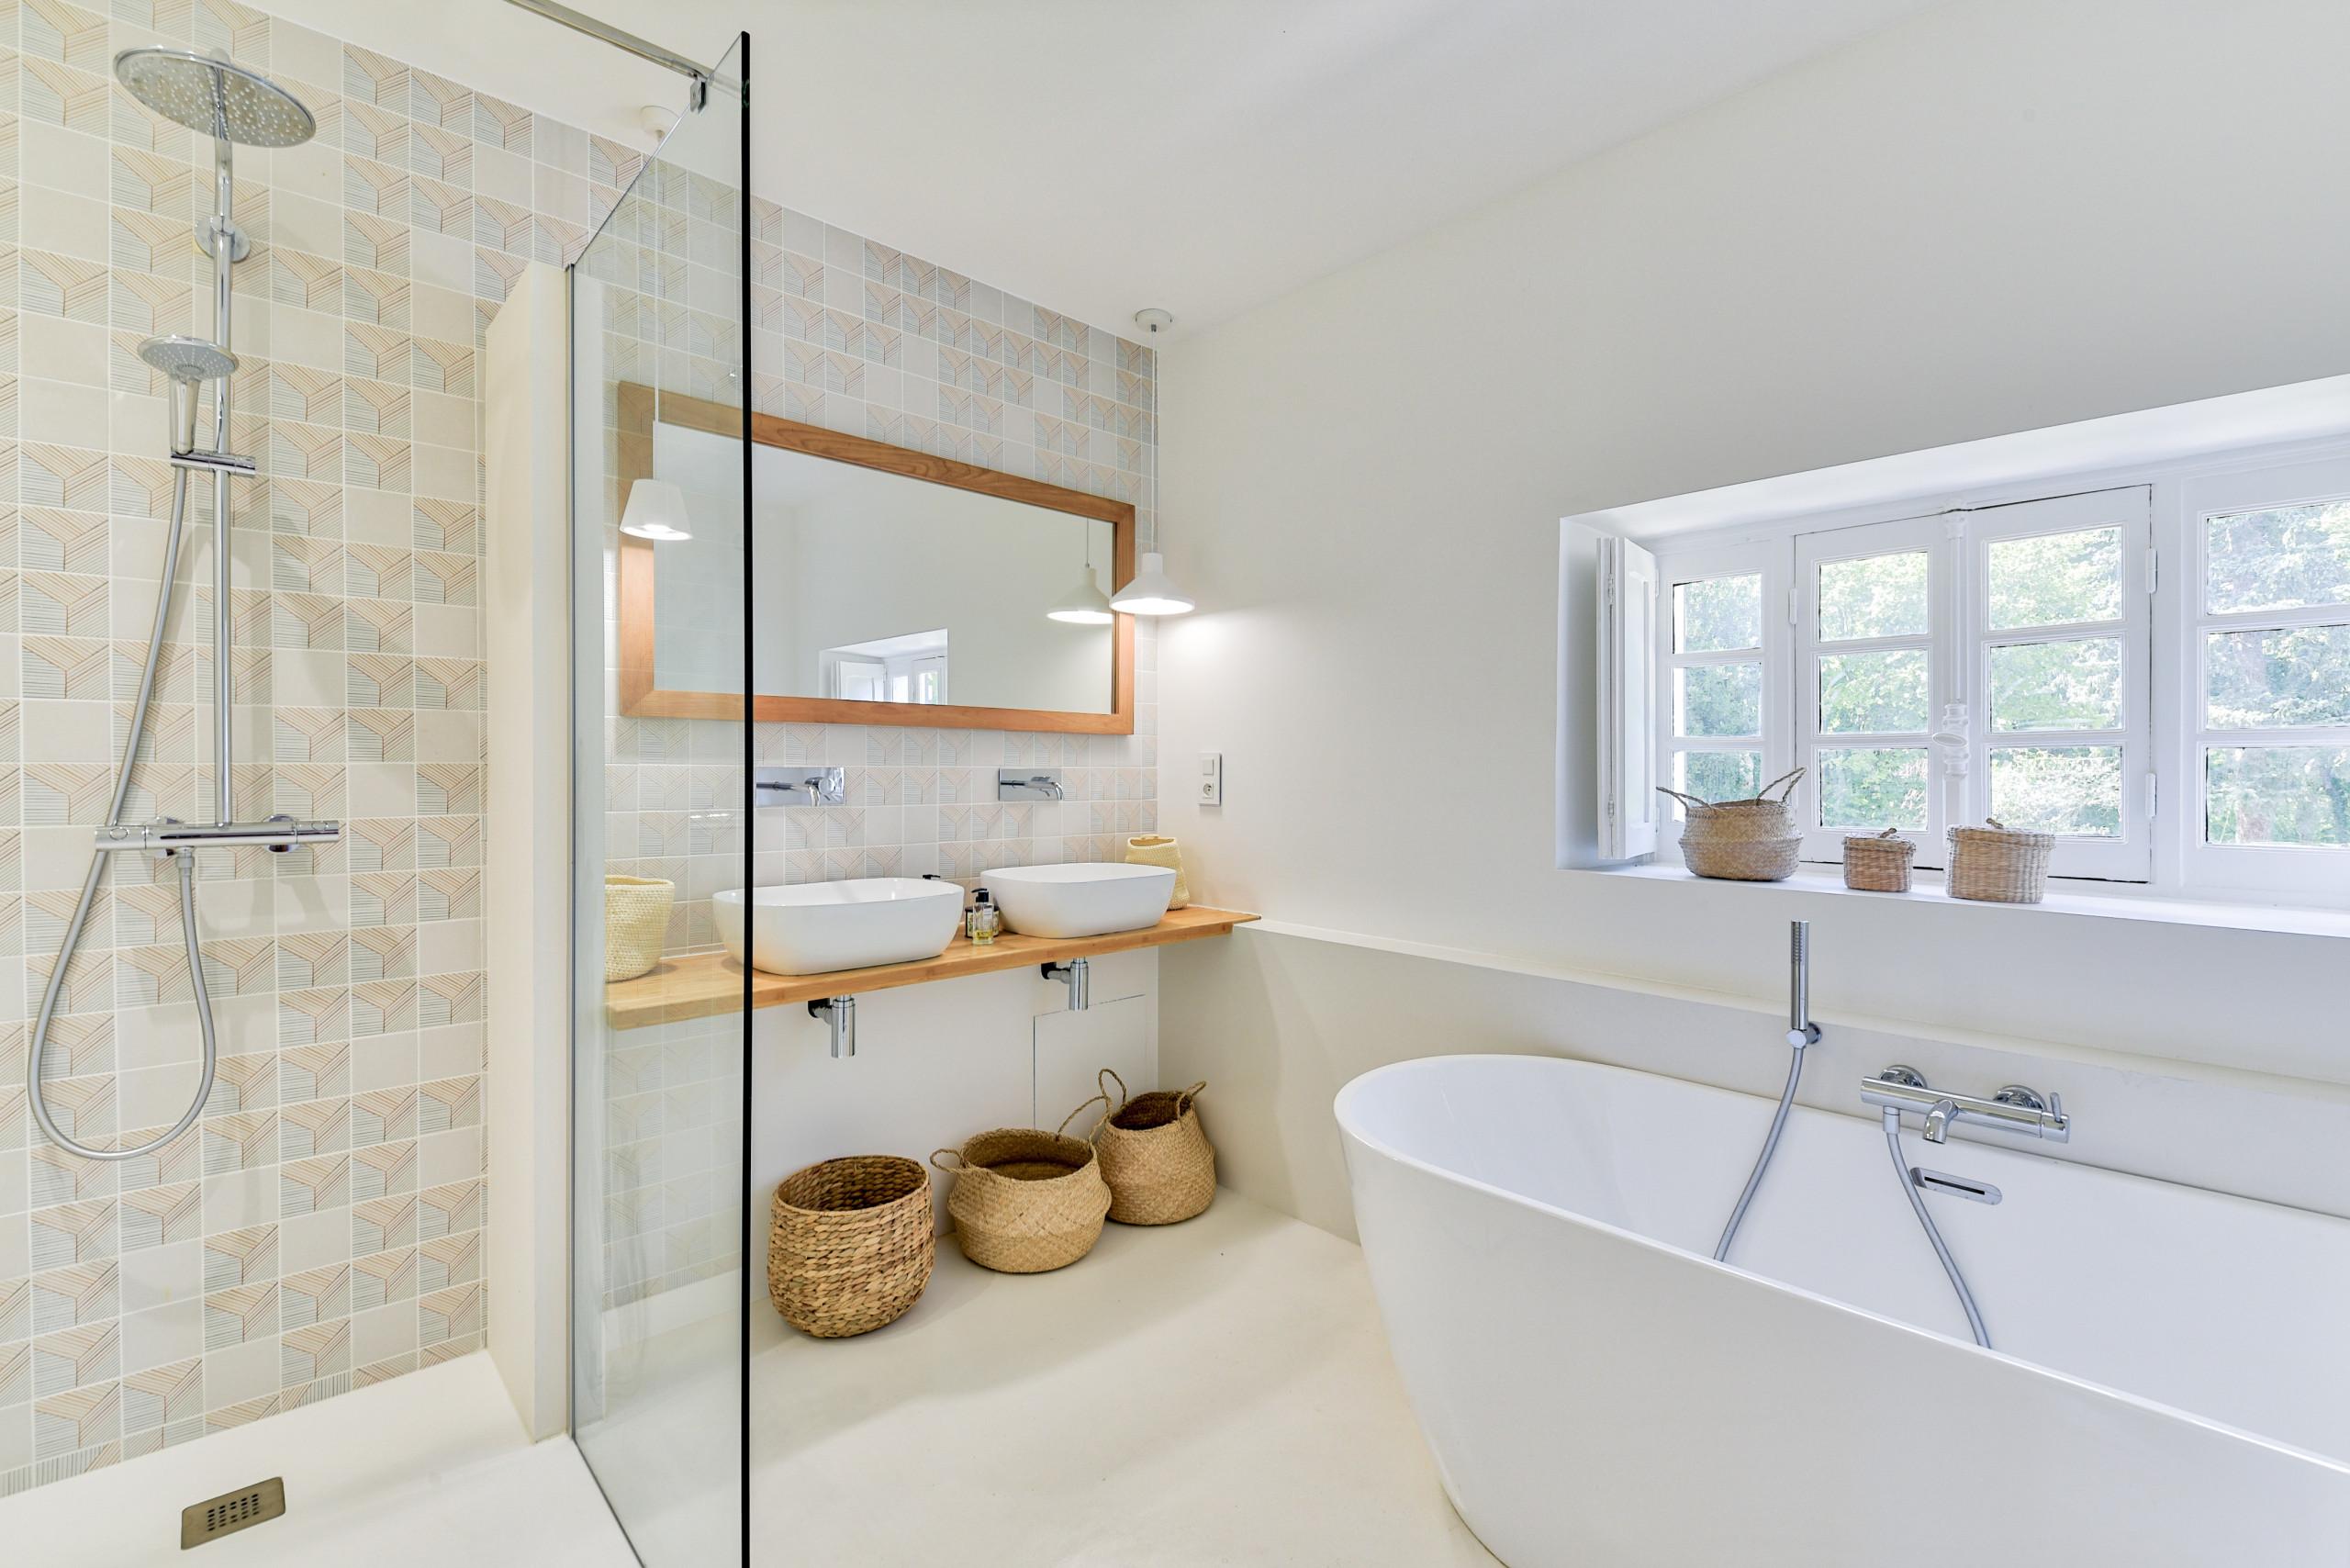 Rénovation d'un corps de ferme de 365 m2 - La salle de bain Master